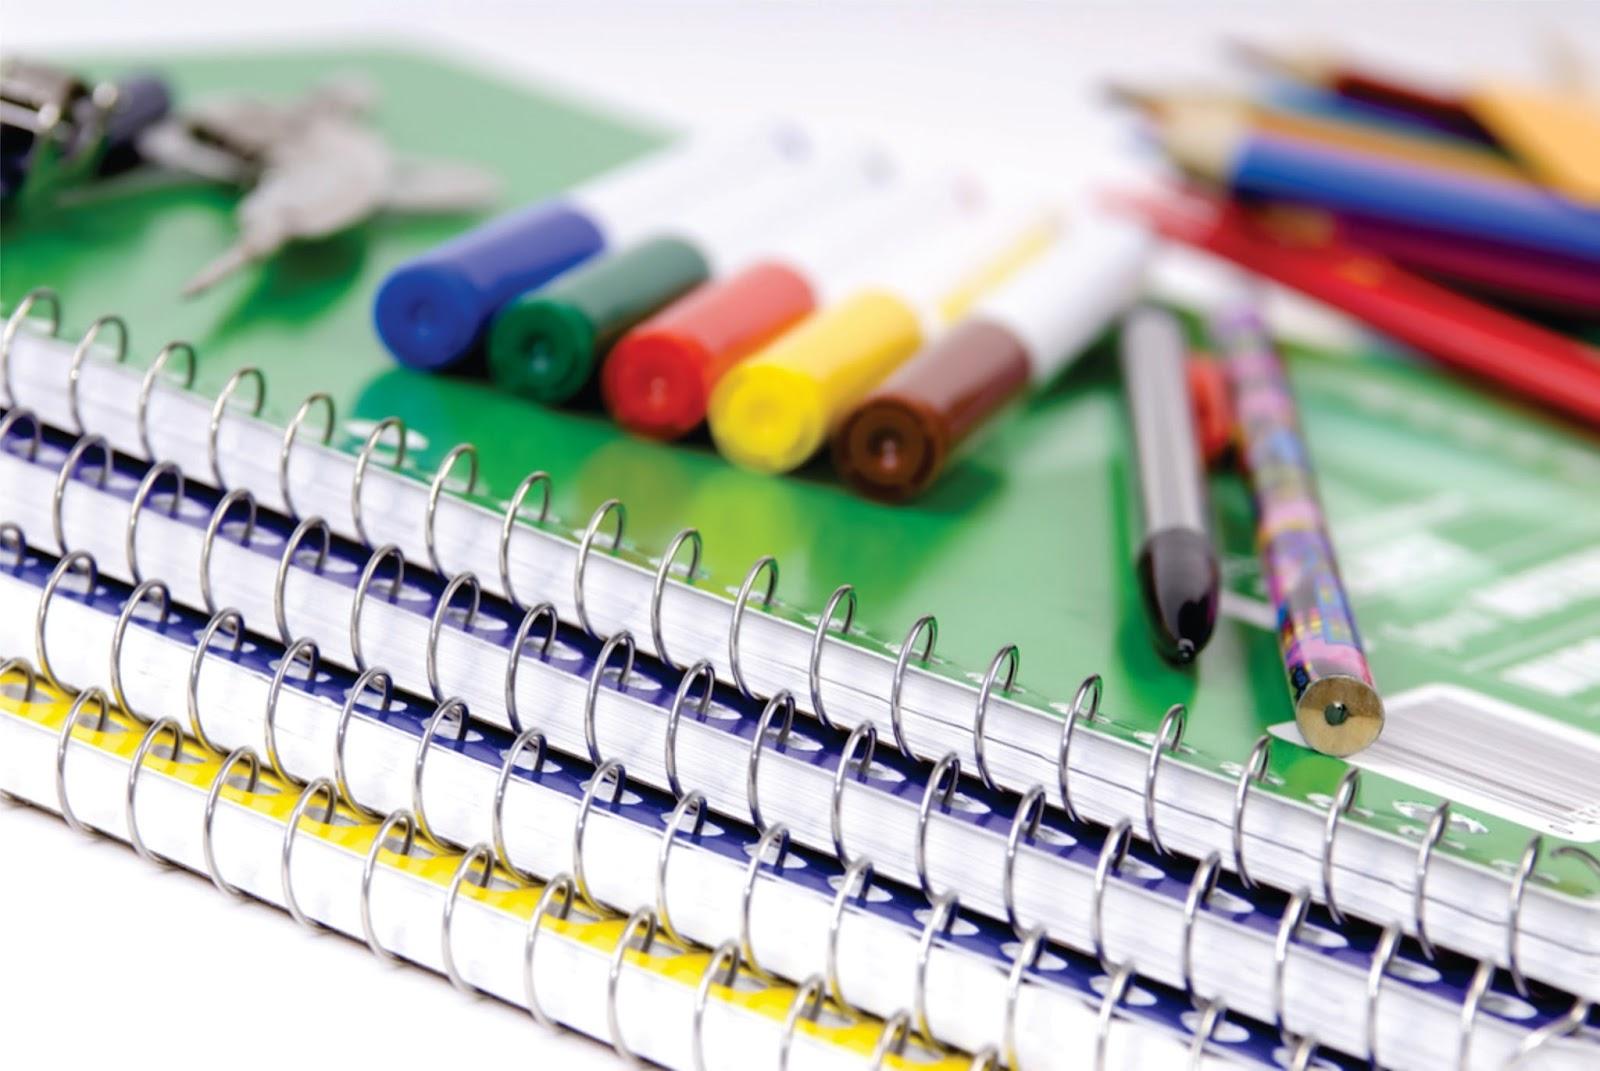 dicas para economizar no material escolar